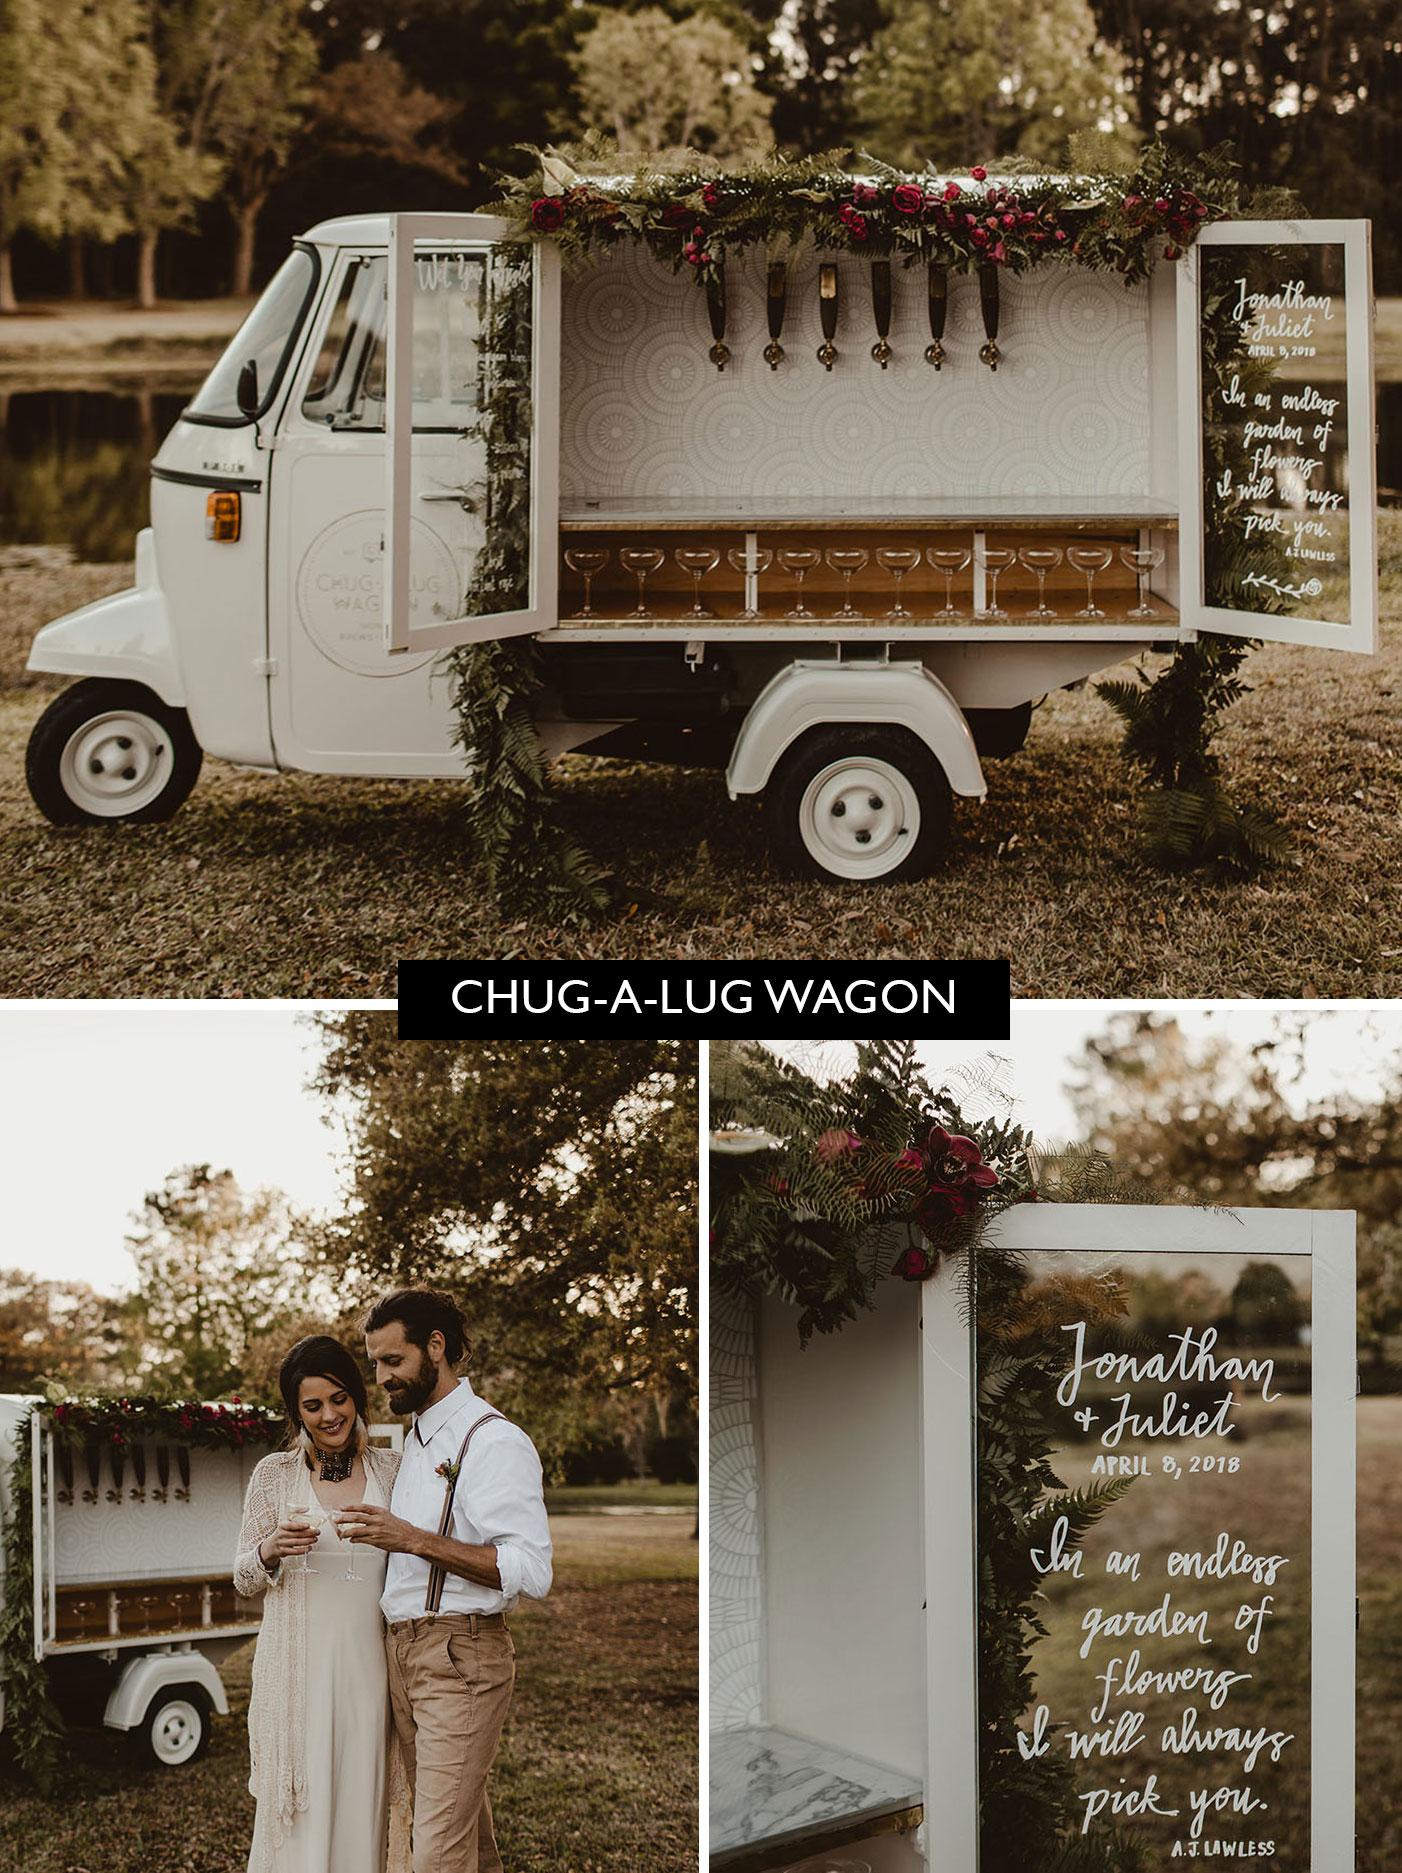 Chug-a-Lug Wagon